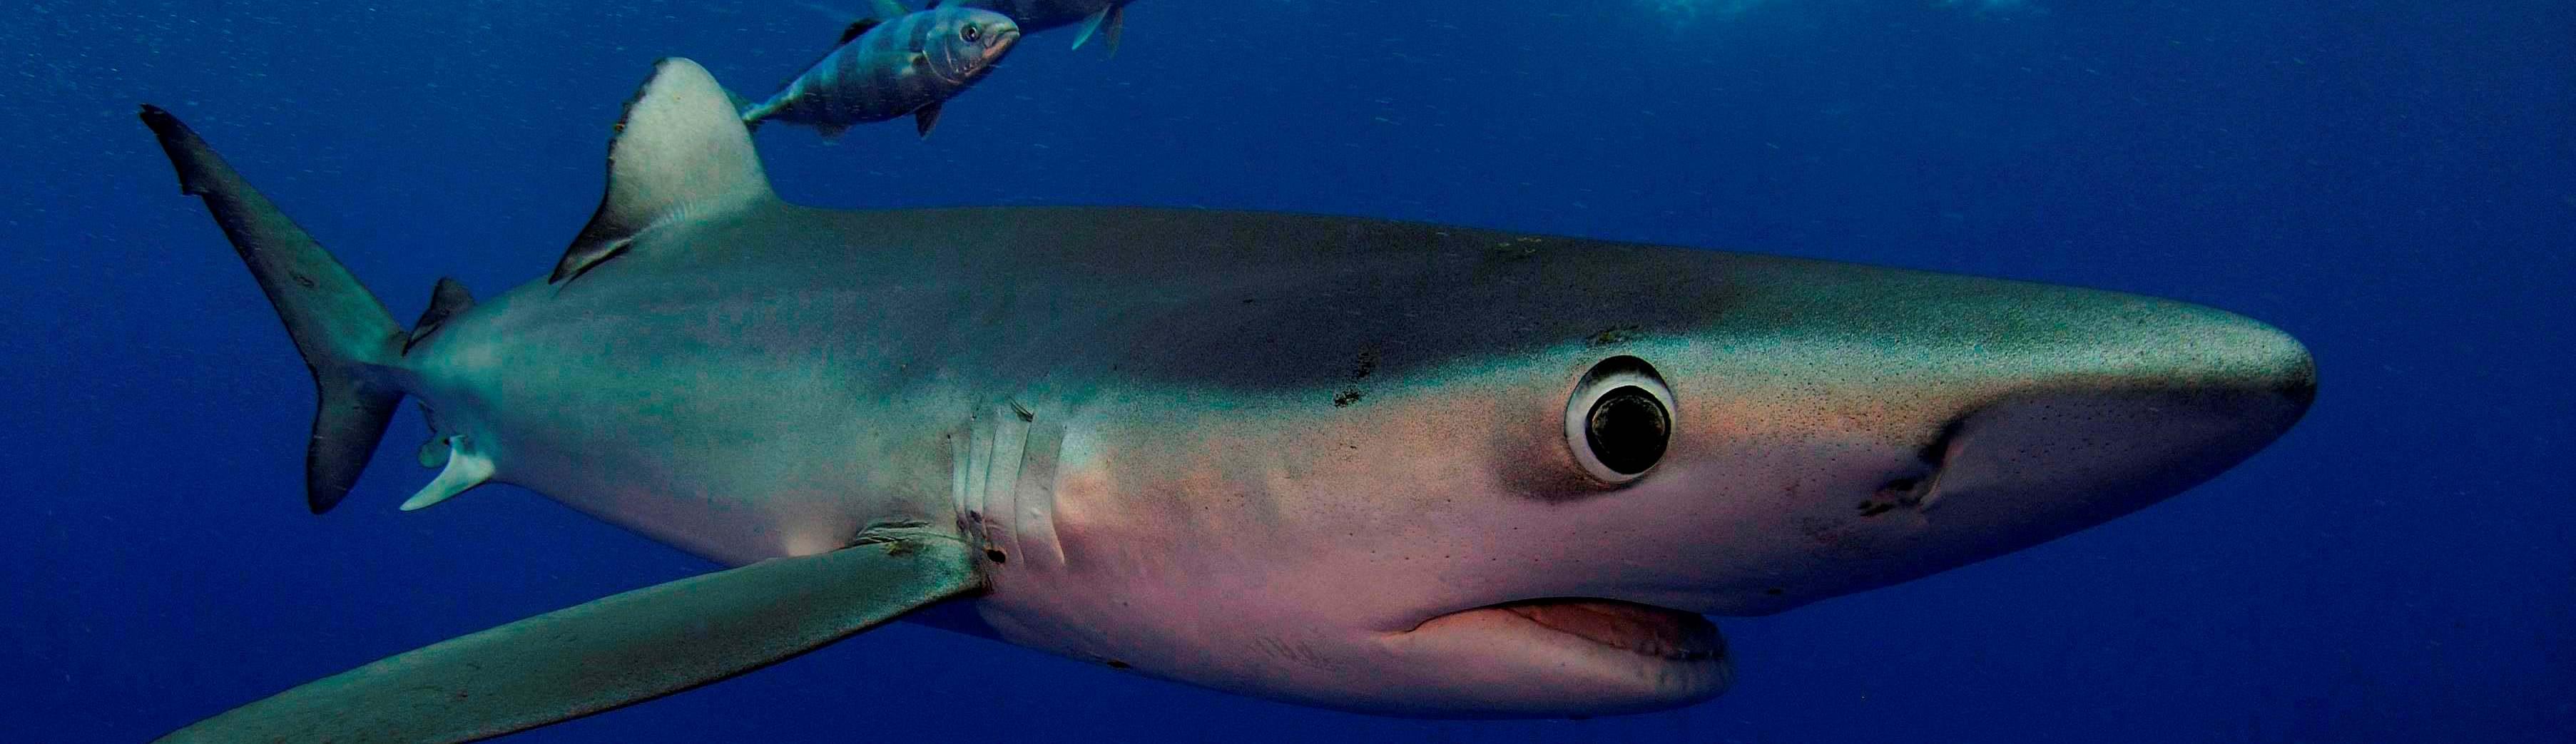 Blauwe-haai-Azoren1